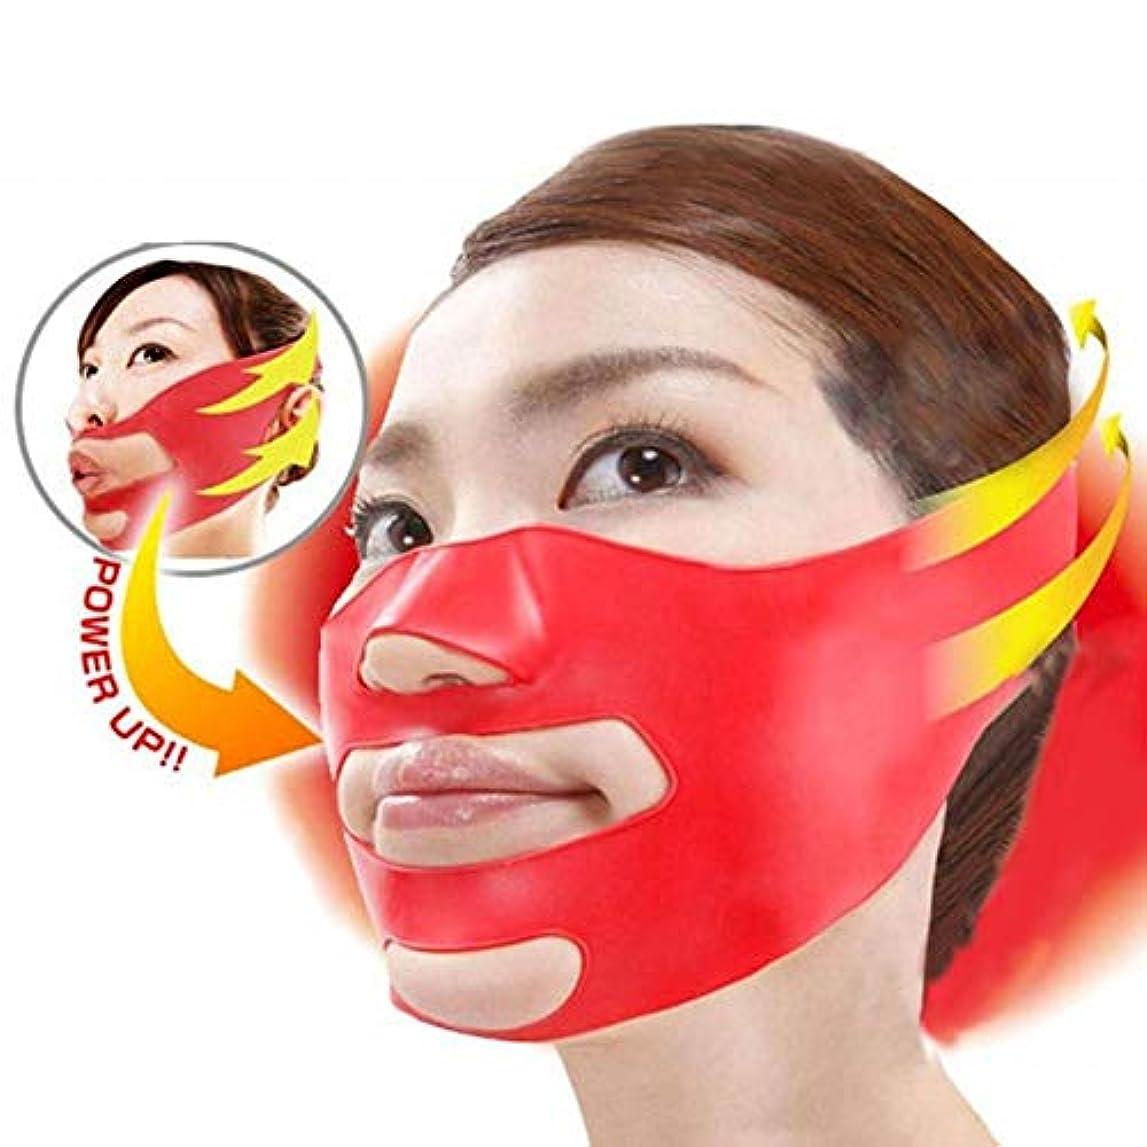 ホームリマーク刺します1ピース3dフェイスリフトツールフェイシャルシェイパーv頬リフトアップフェイスマスク痩身マスクベルト包帯成形整形スリム女性美容ツール